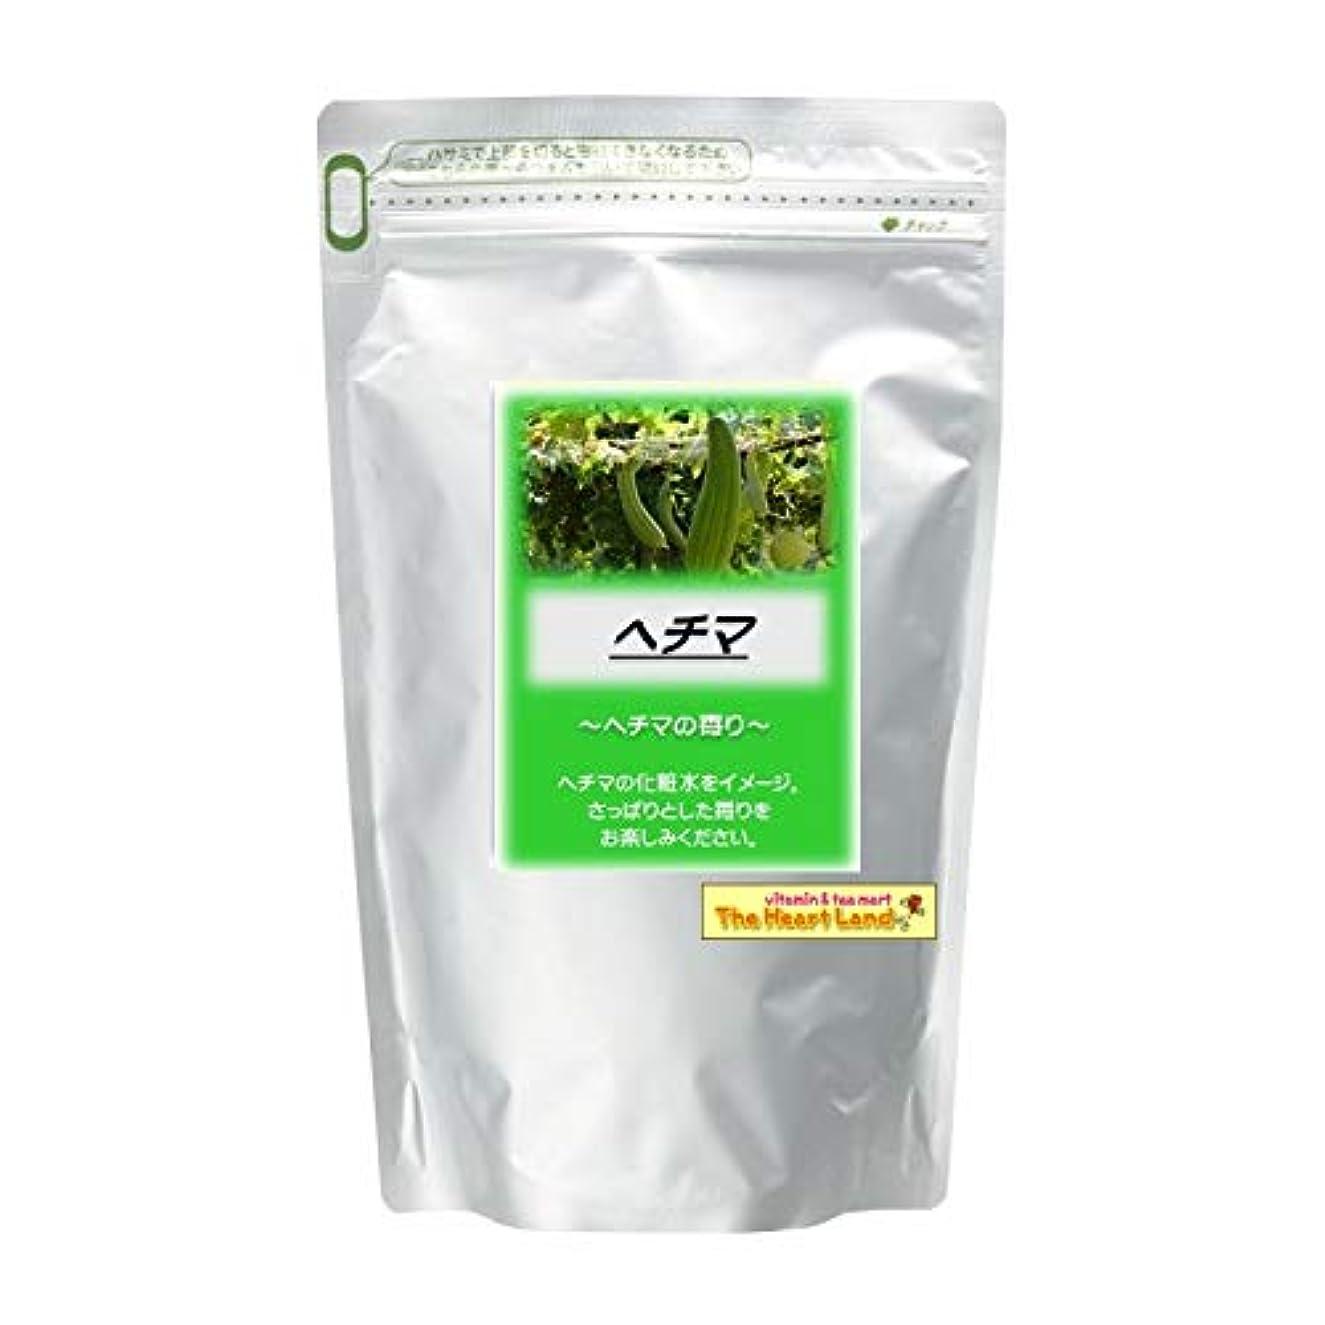 あるオリエント識別するアサヒ入浴剤 浴用入浴化粧品 ヘチマ 2.5kg